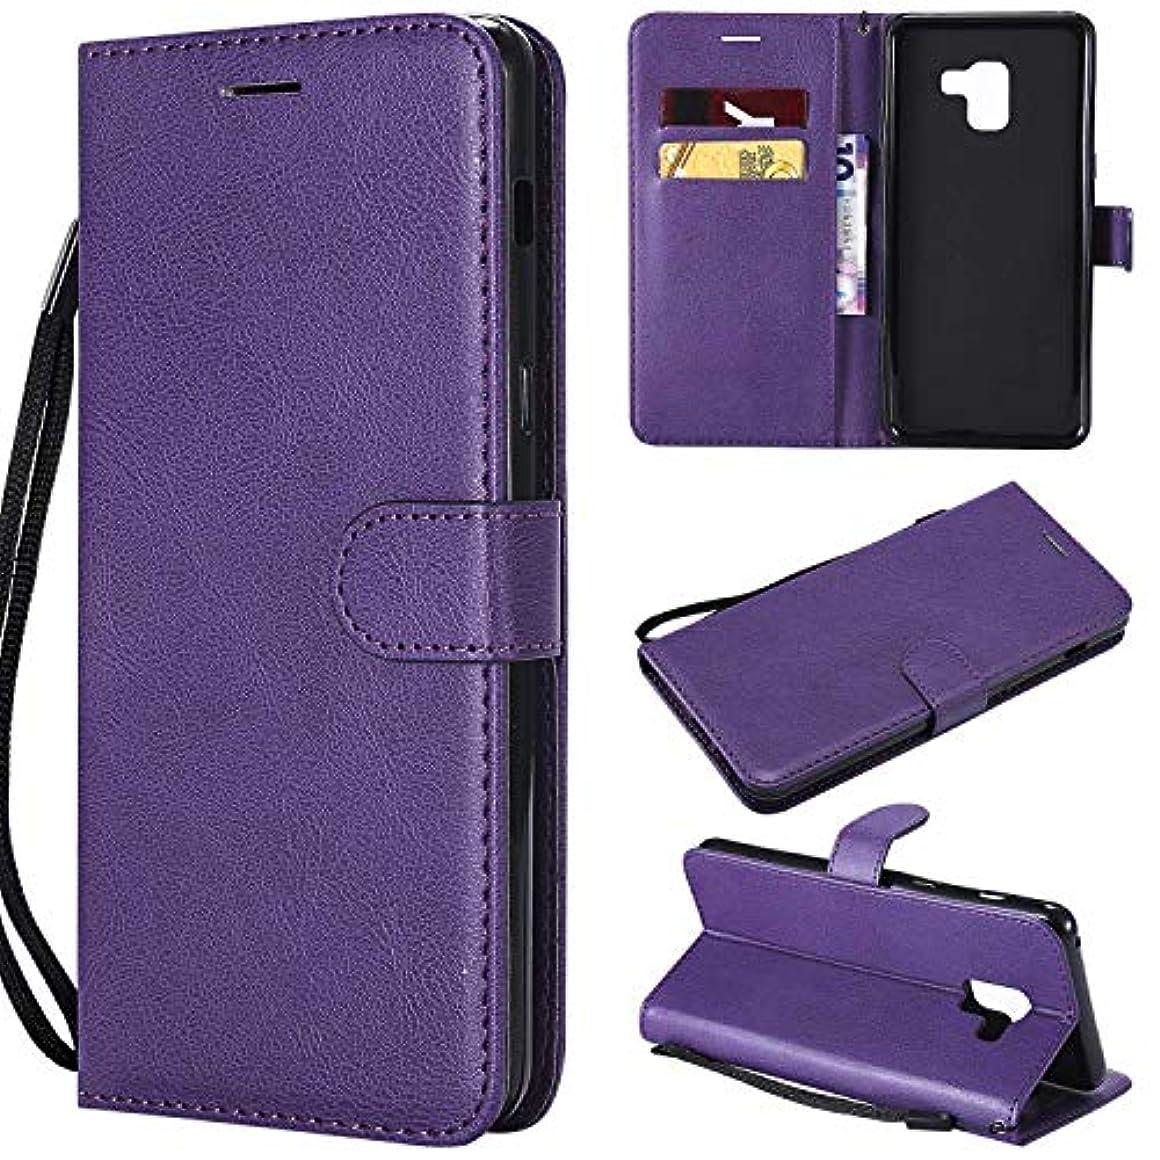 実証する健康的養うGalaxy A8 Plus ケース手帳型 OMATENTI レザー 革 薄型 手帳型カバー カード入れ スタンド機能 サムスン Galaxy A8 Plus おしゃれ 手帳ケース (5-パープル)